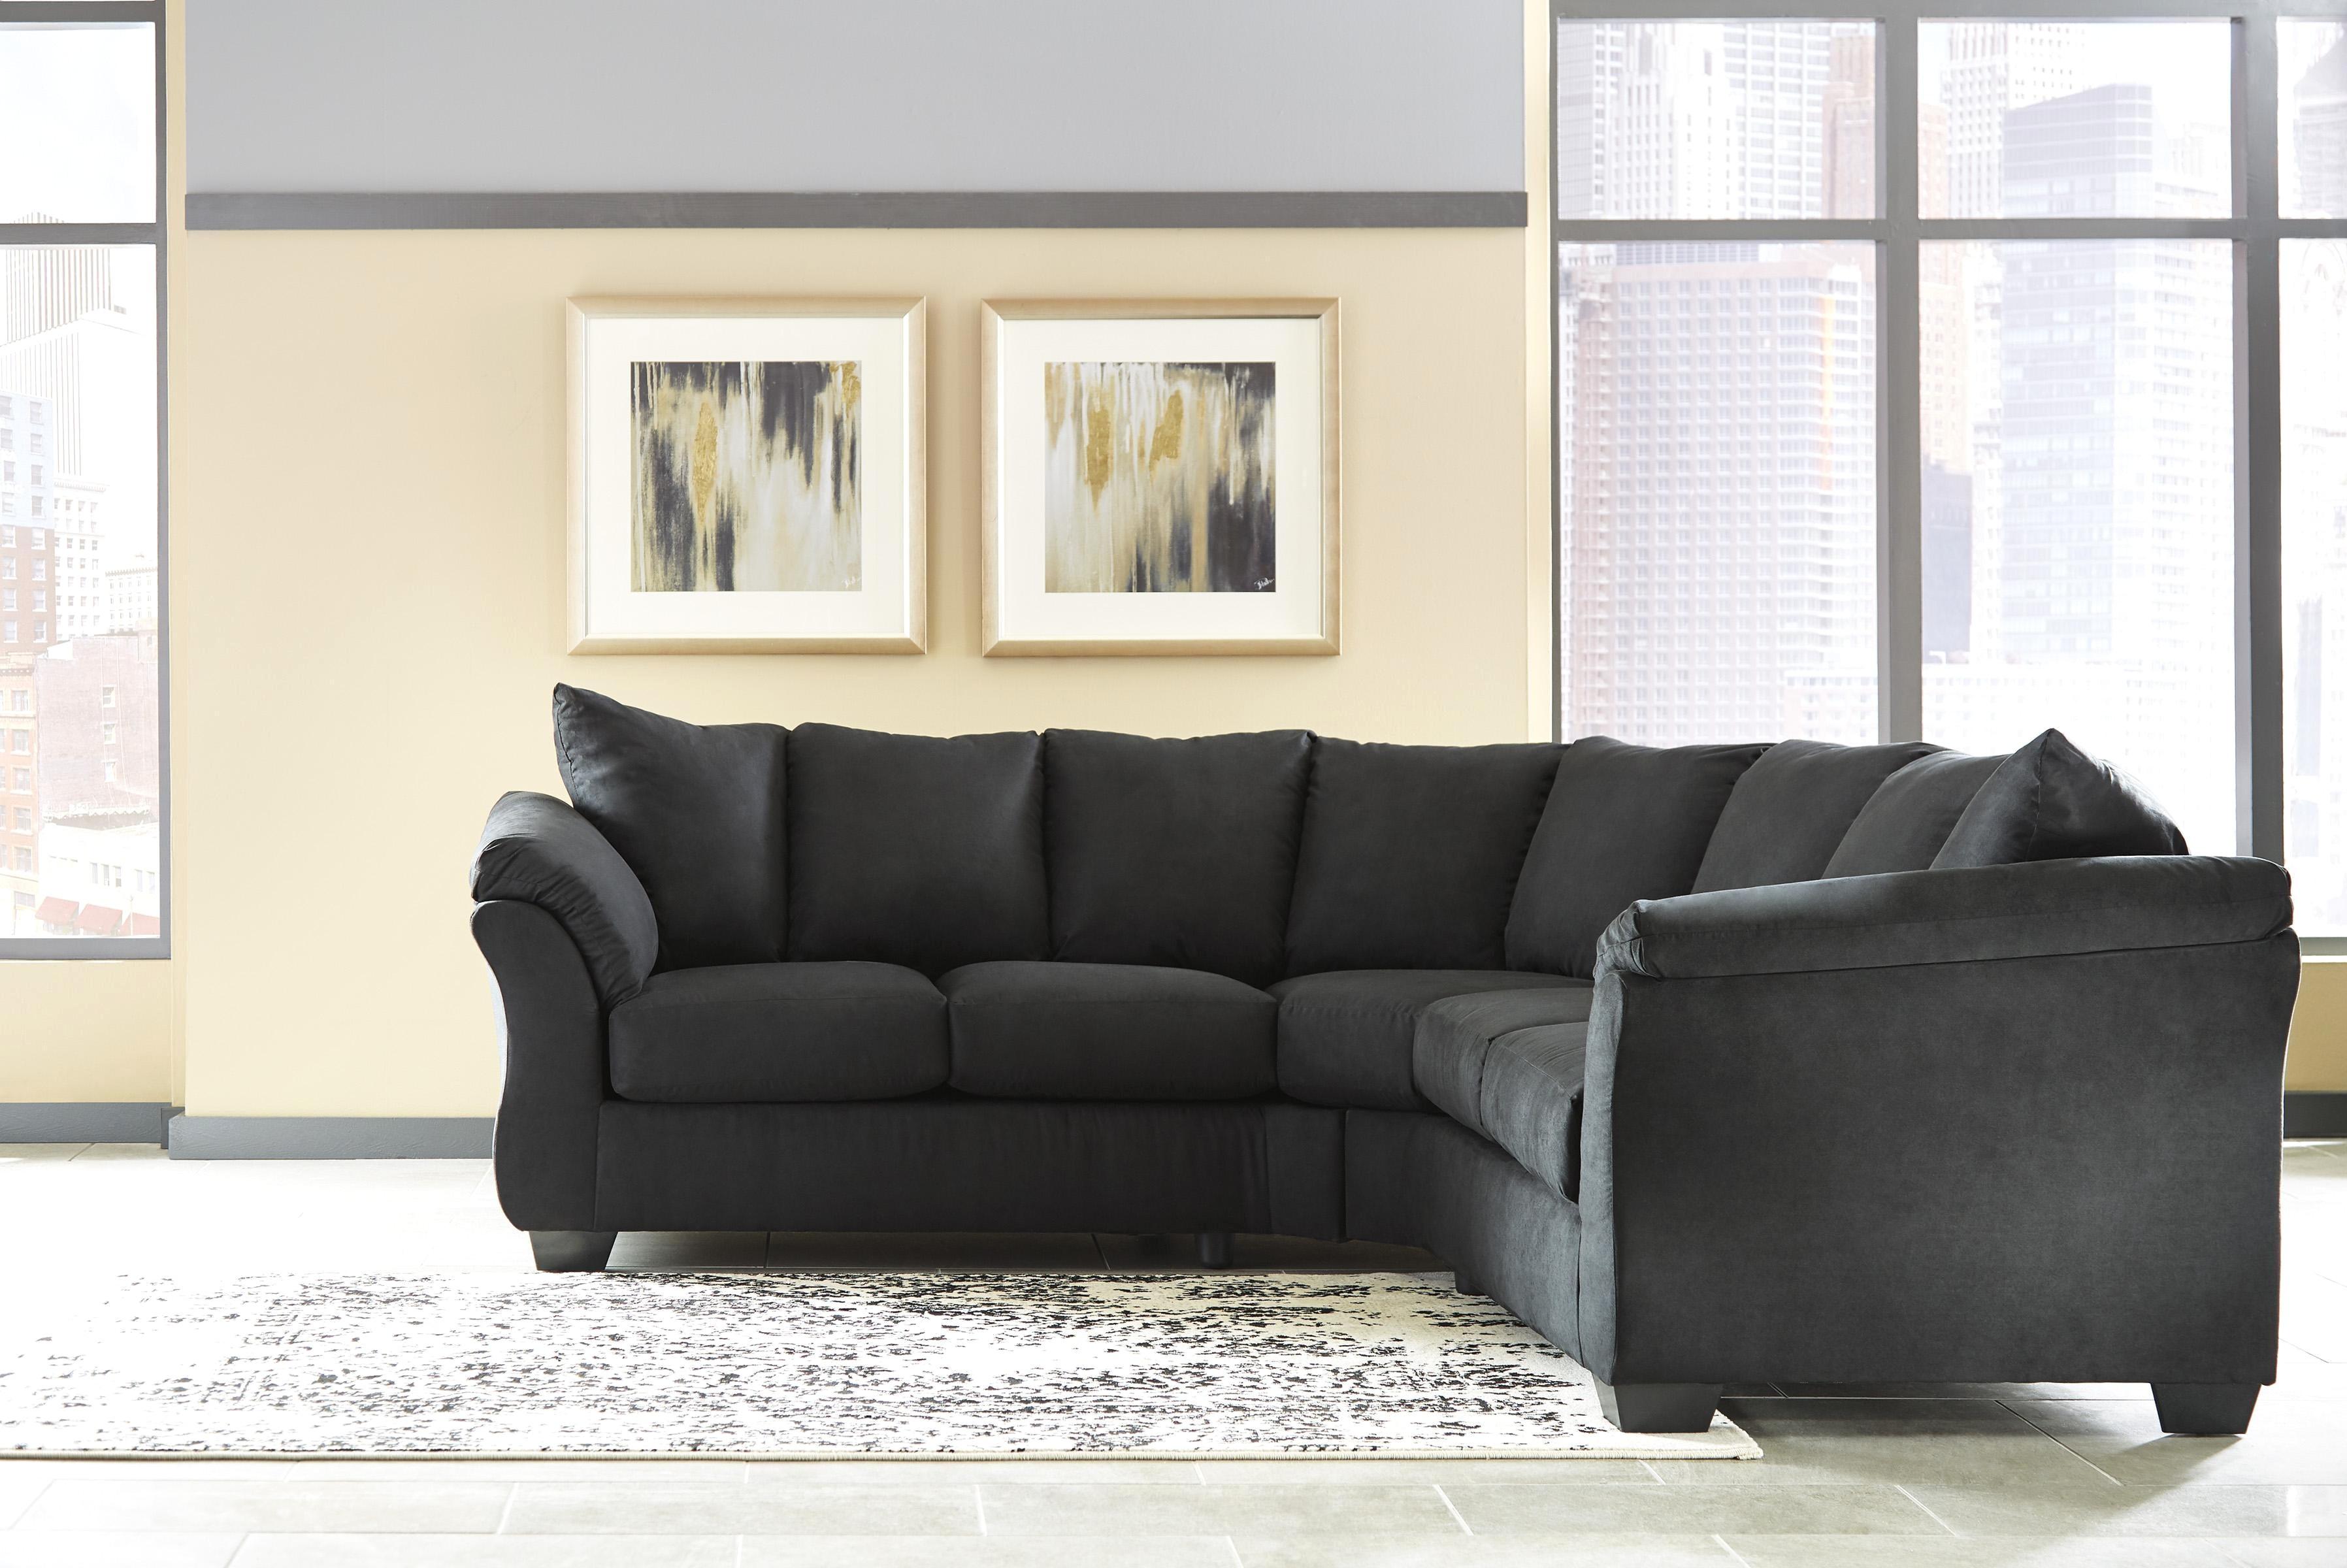 Friheten Ikea Avis Luxe Photos Lovely Friheten sofa Review Wonderful Ikea sofa Sleeper